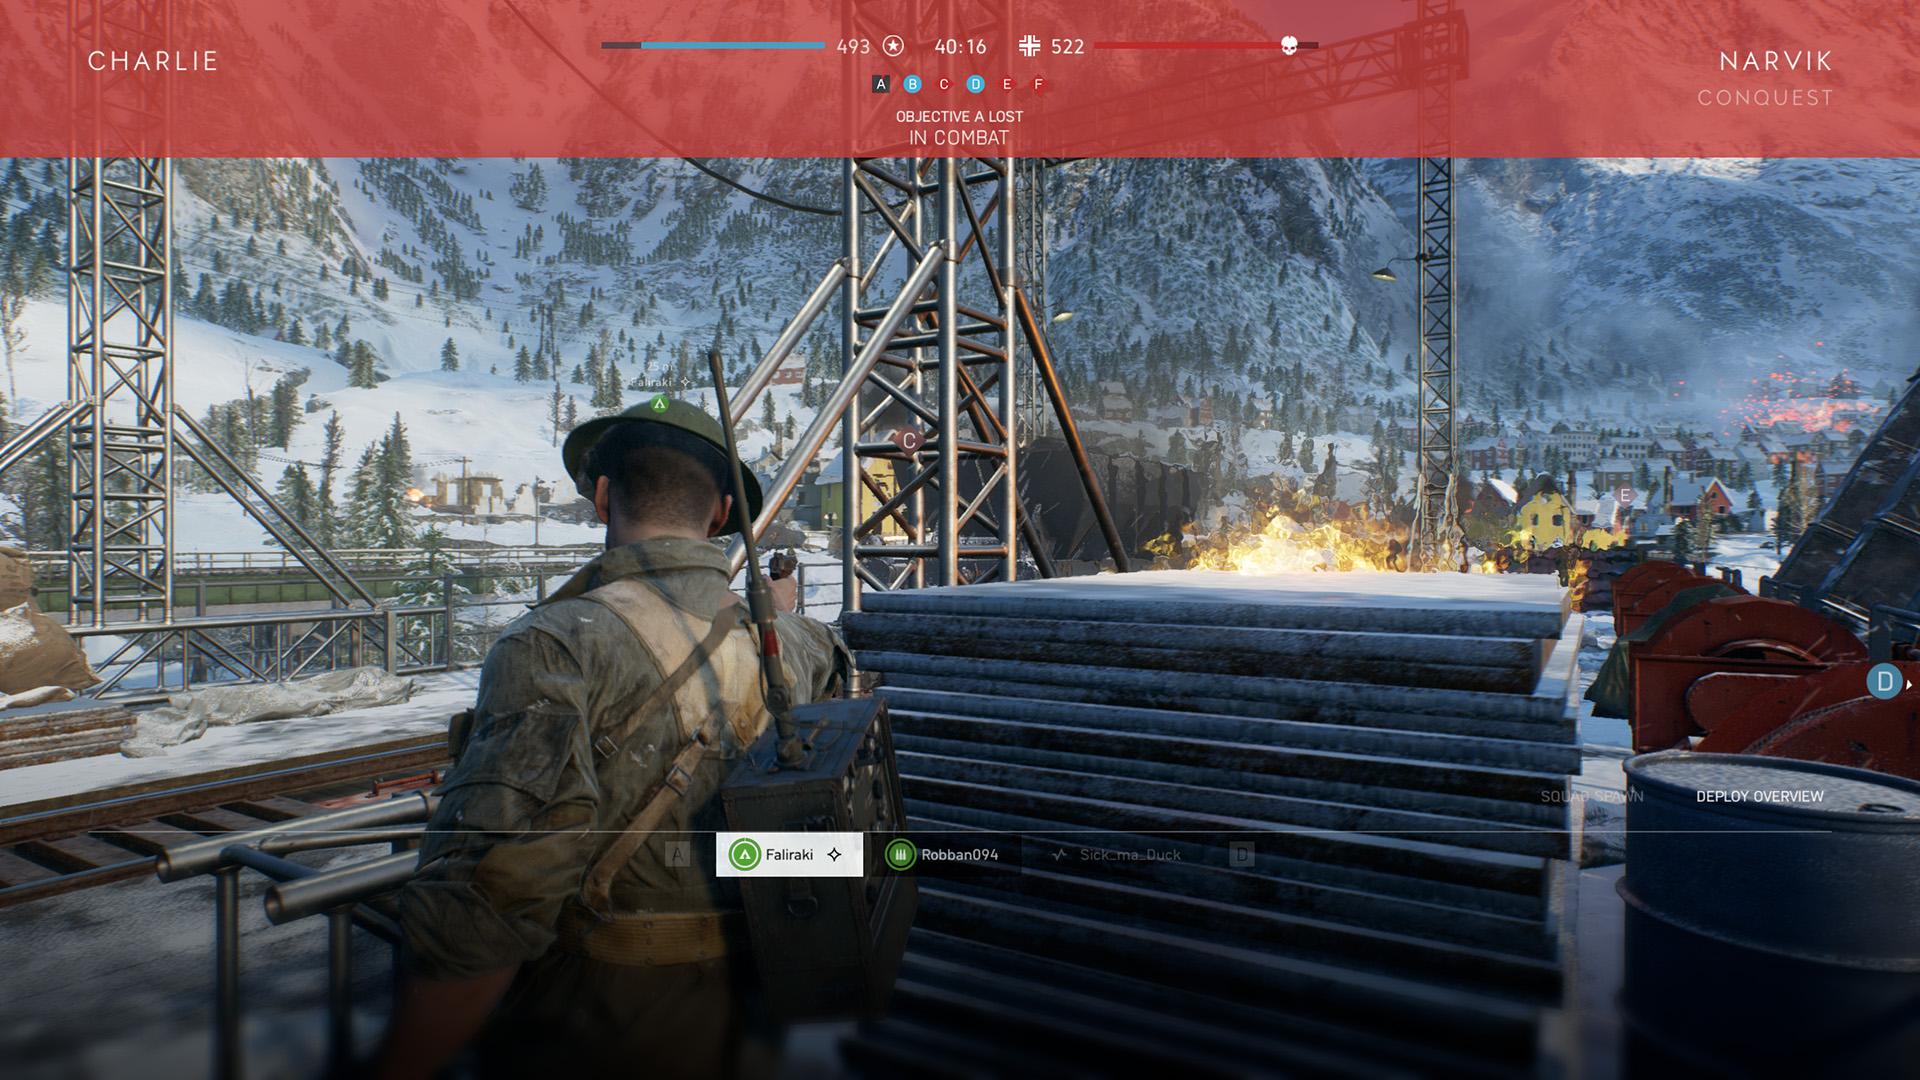 Battlefield V Screenshot 2018_0015_Battlefield V Screenshot 2018.11.11 - 20.39.55.31.jpg